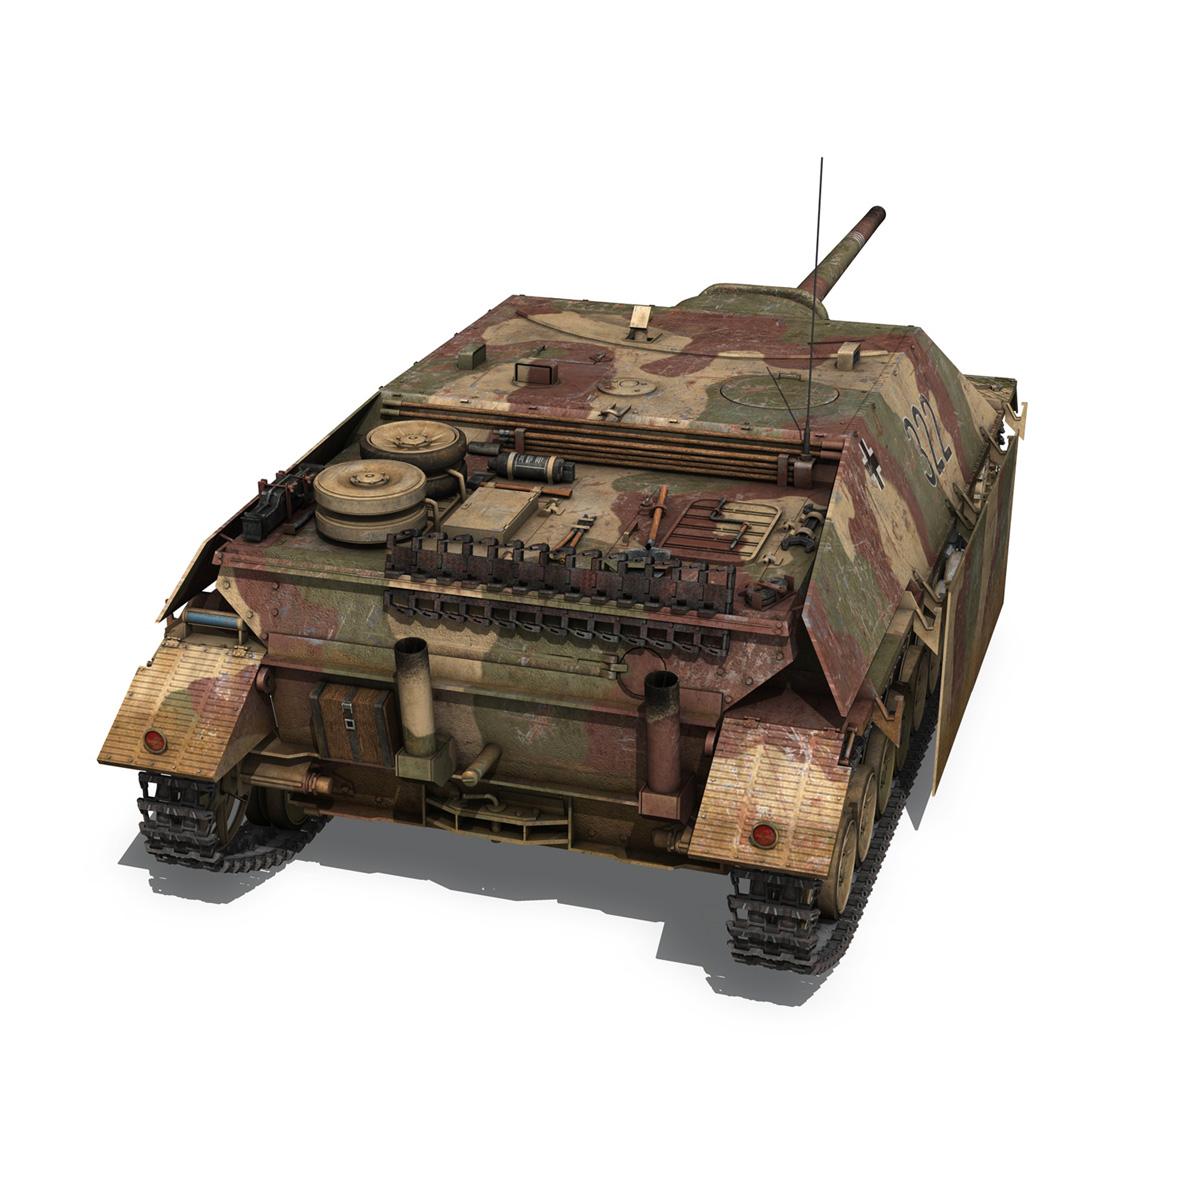 jagdpanzer iv l/70 (v) – 322 – late production 3d model 3ds fbx c4d lwo obj 282350